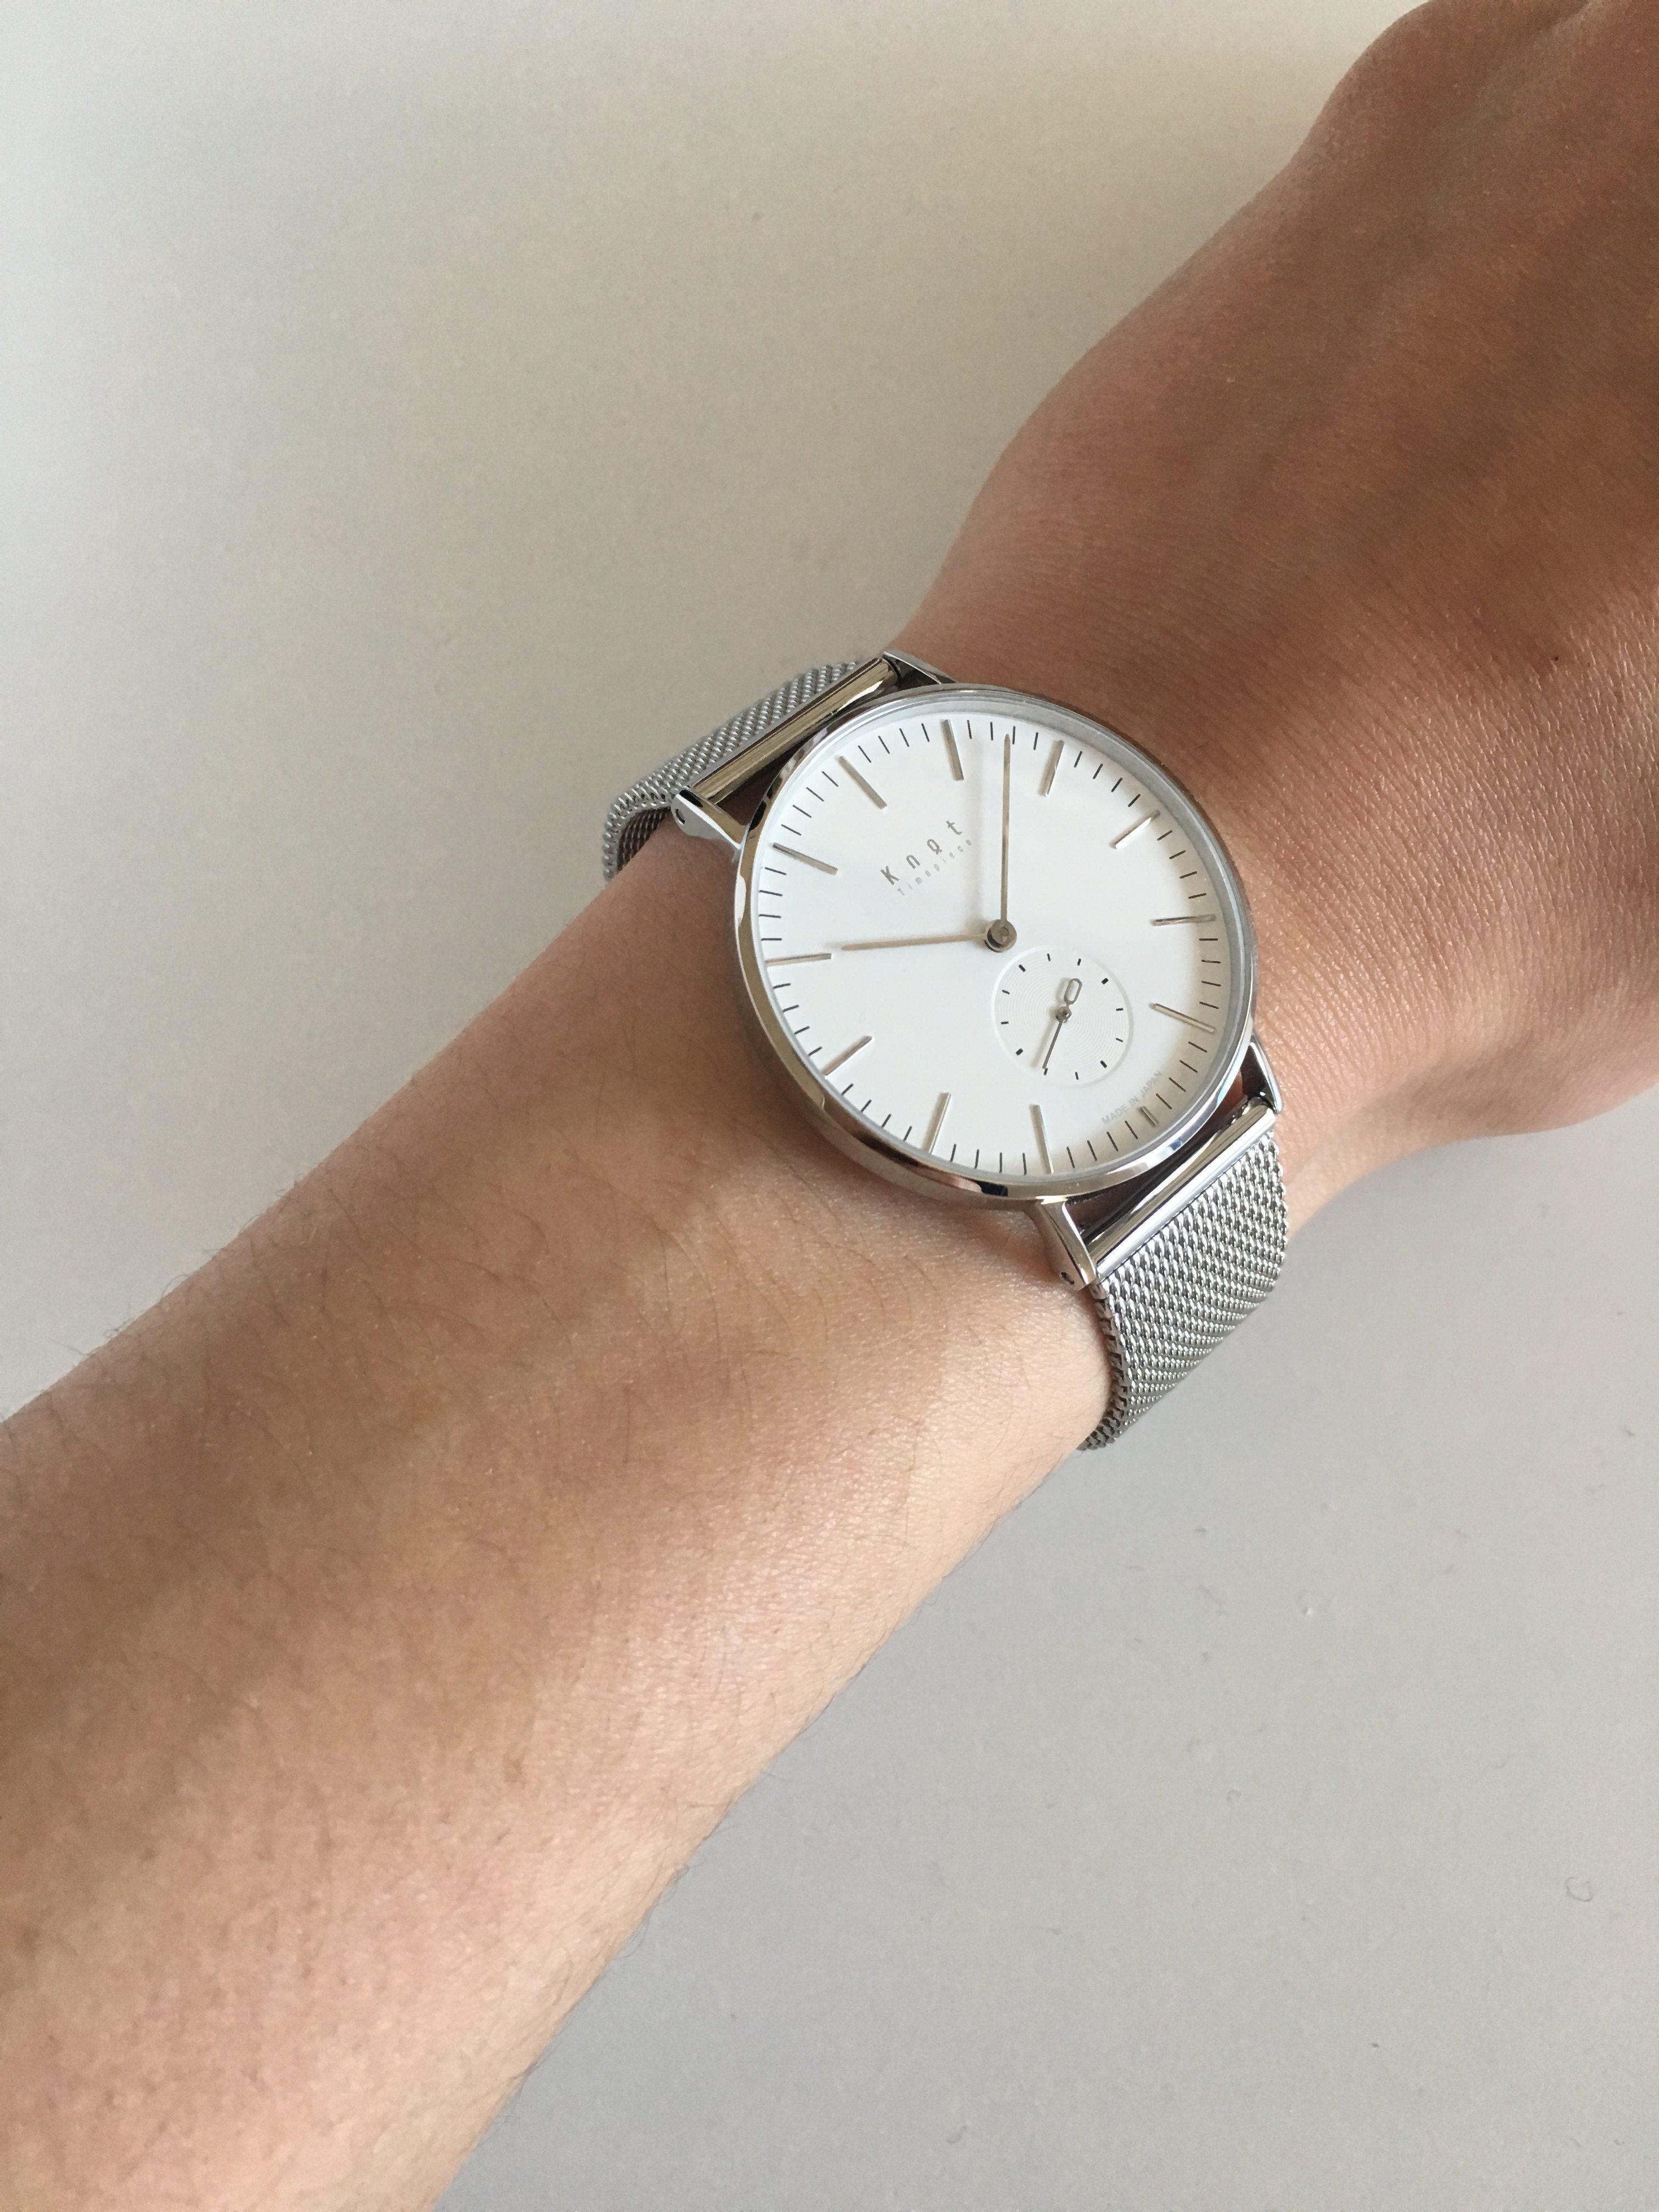 時計knotと一緒にメッシュバンドを買っとけ|ミニマルなカスタマイズ